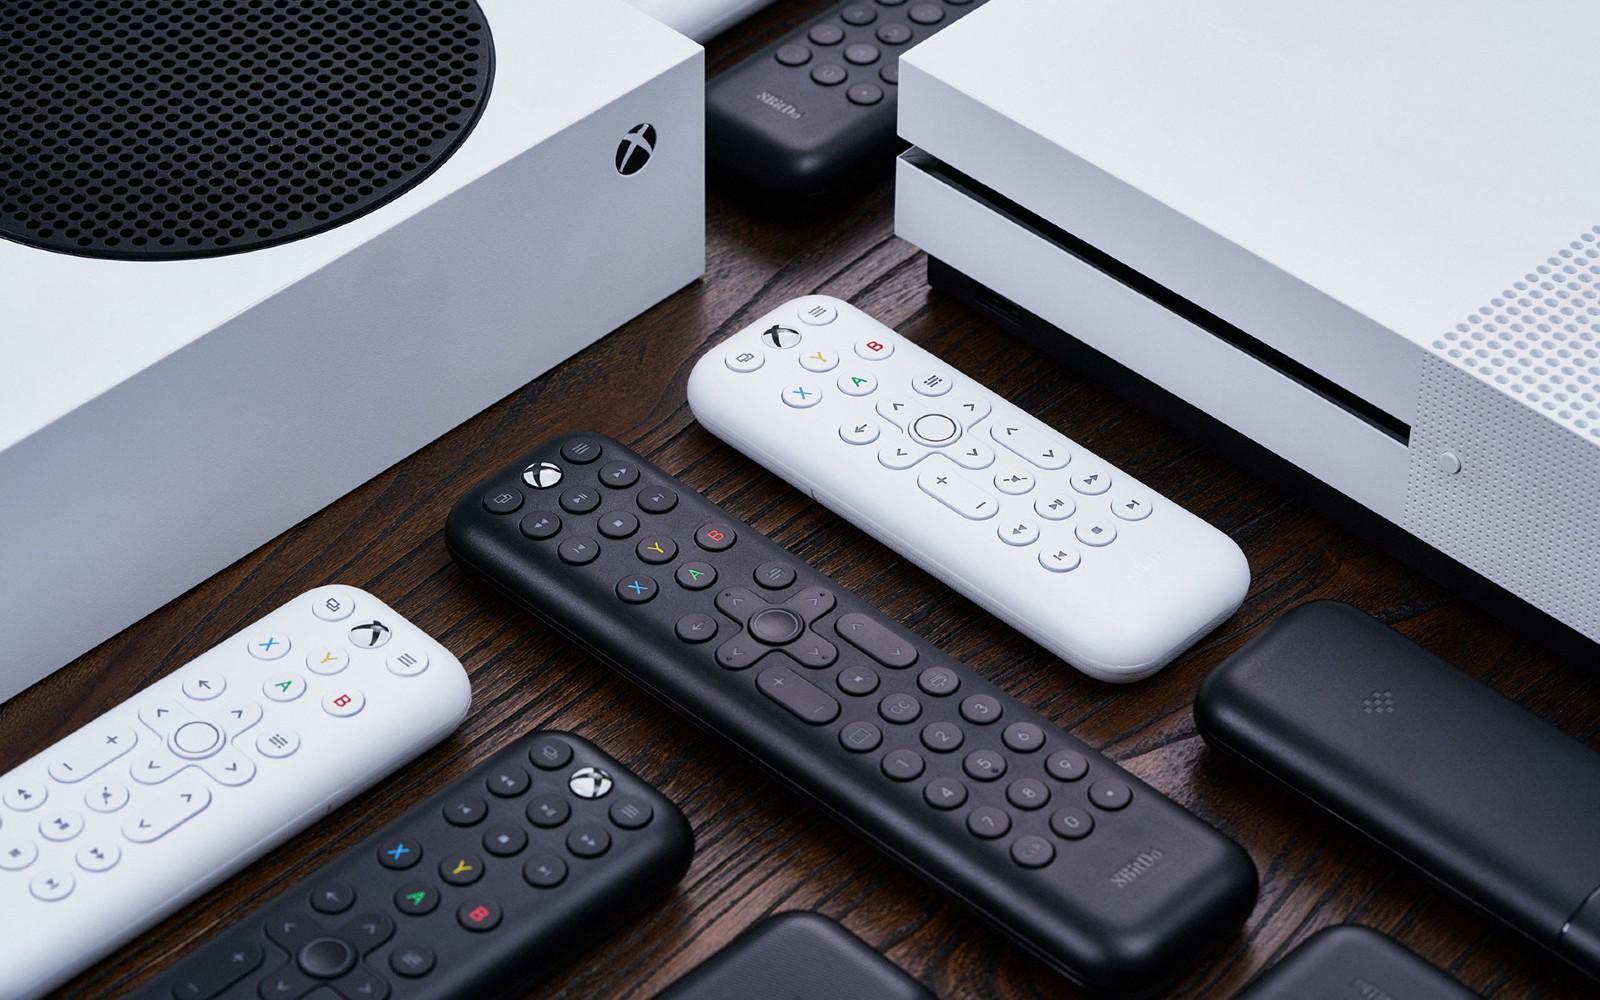 8BitDo Xbox remote